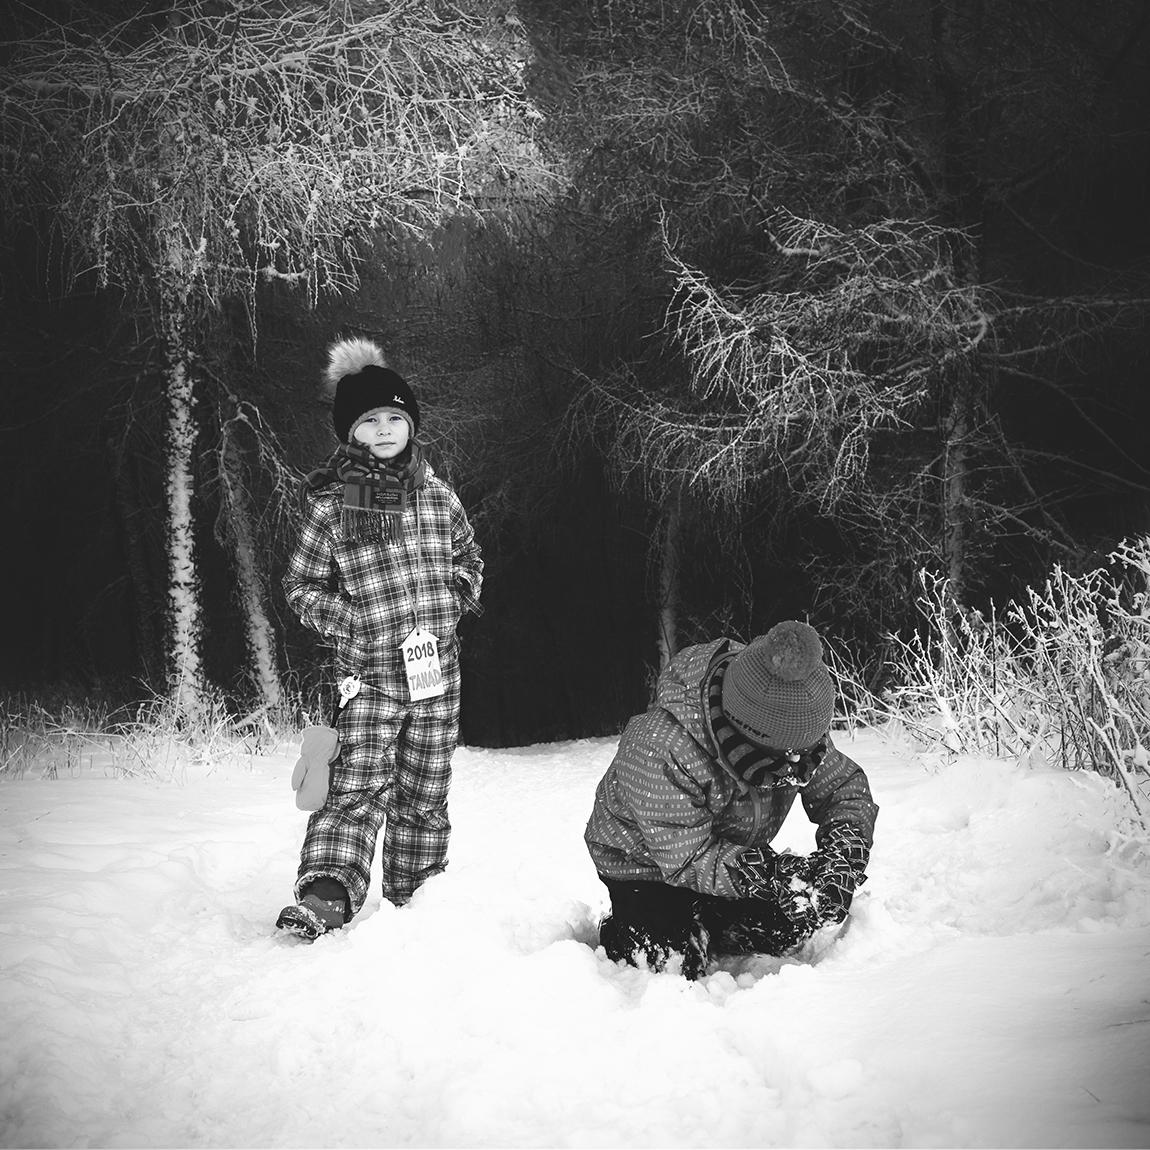 reportážní rodinné focení zima 7